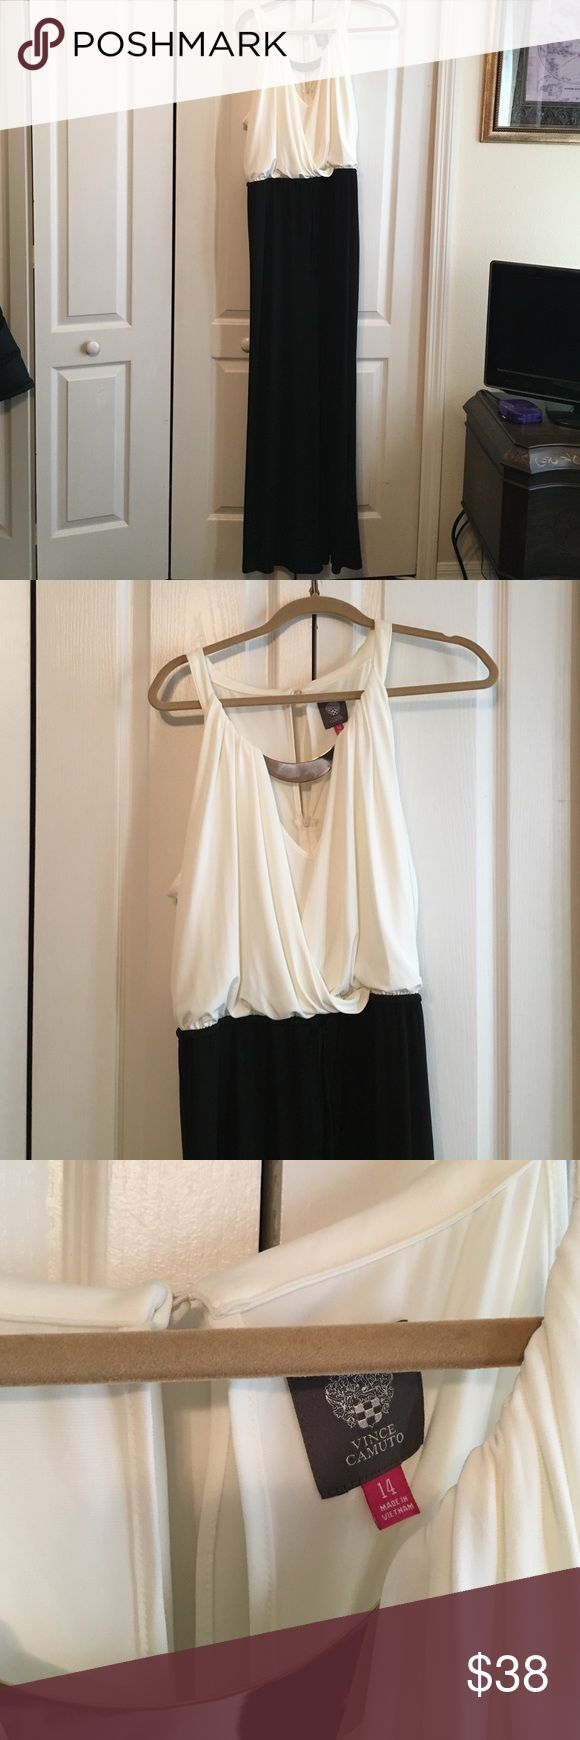 Vince Camuto Ladies Jumpsuit Size 14 NWOT NWOT Vince Camuto Ladies Jumpsuit Size 14 Vince Camuto Pants Jumpsuits & Rompers